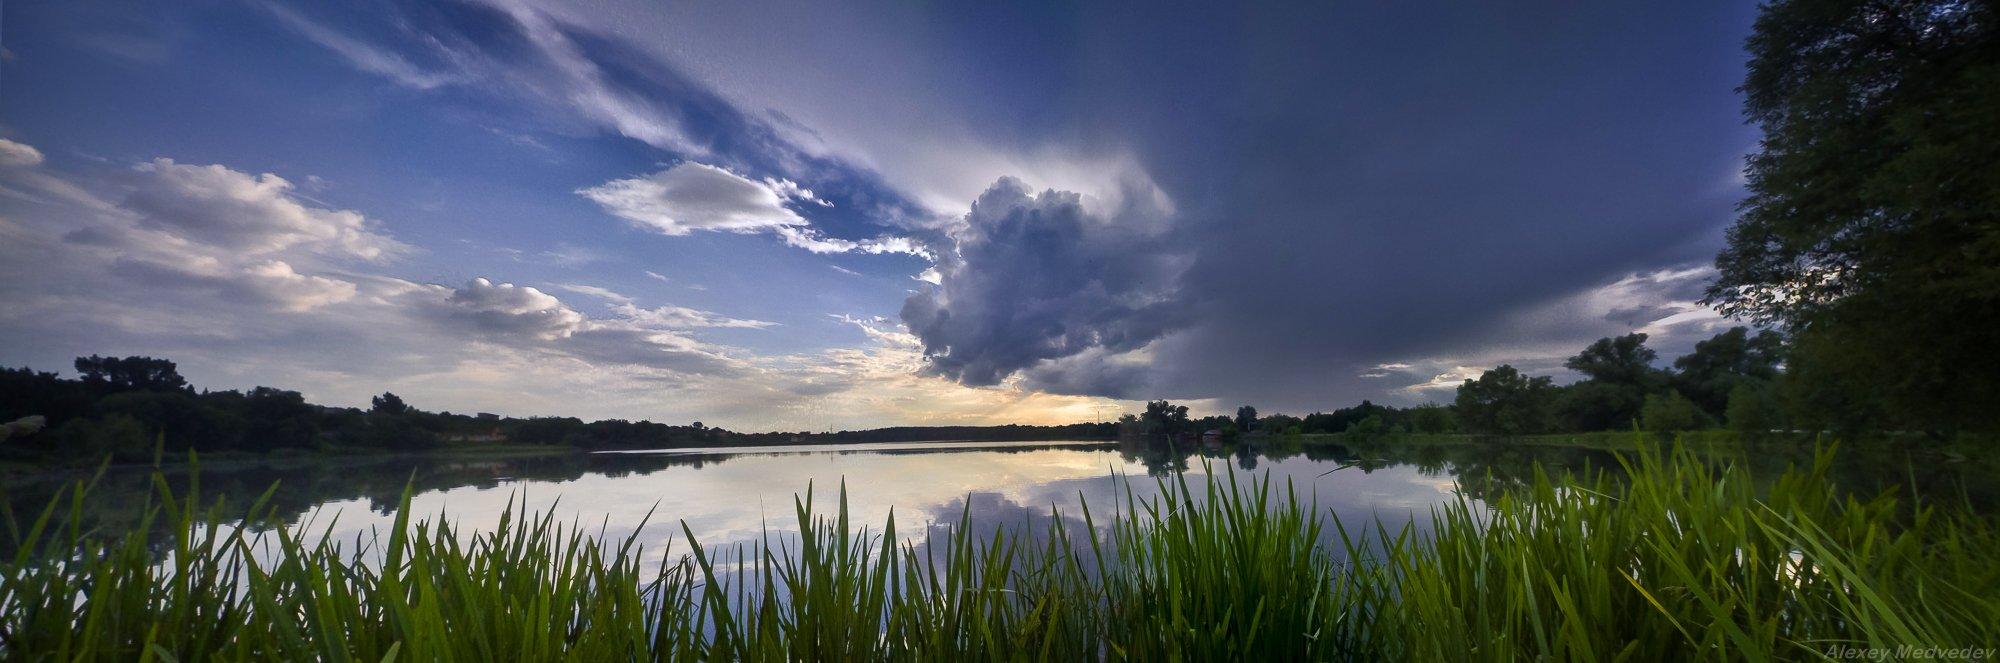 васильков, стугна, погребы, озеро, гроза, панорама,, Алексей Медведев